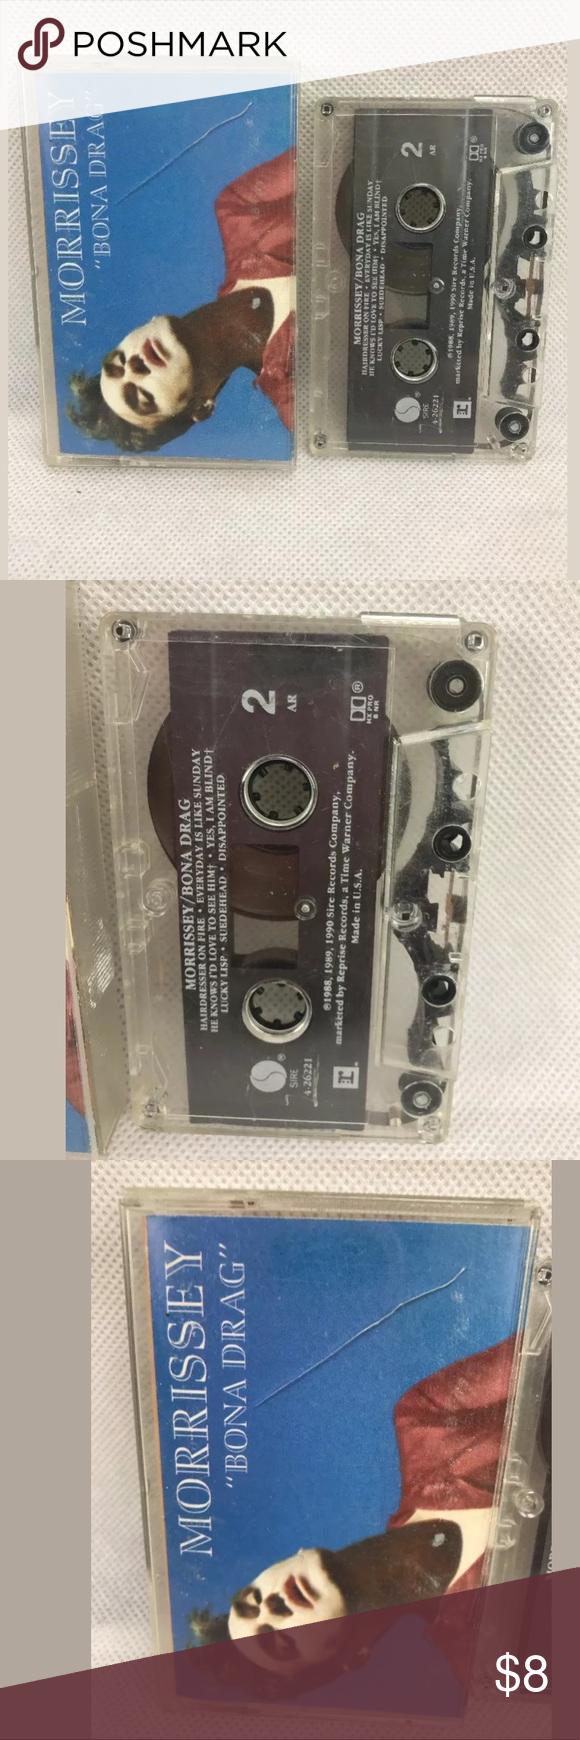 Morrissey Bona Drag Cassette Sire Records 1990 Morrissey Bona Drag Vinyl Records